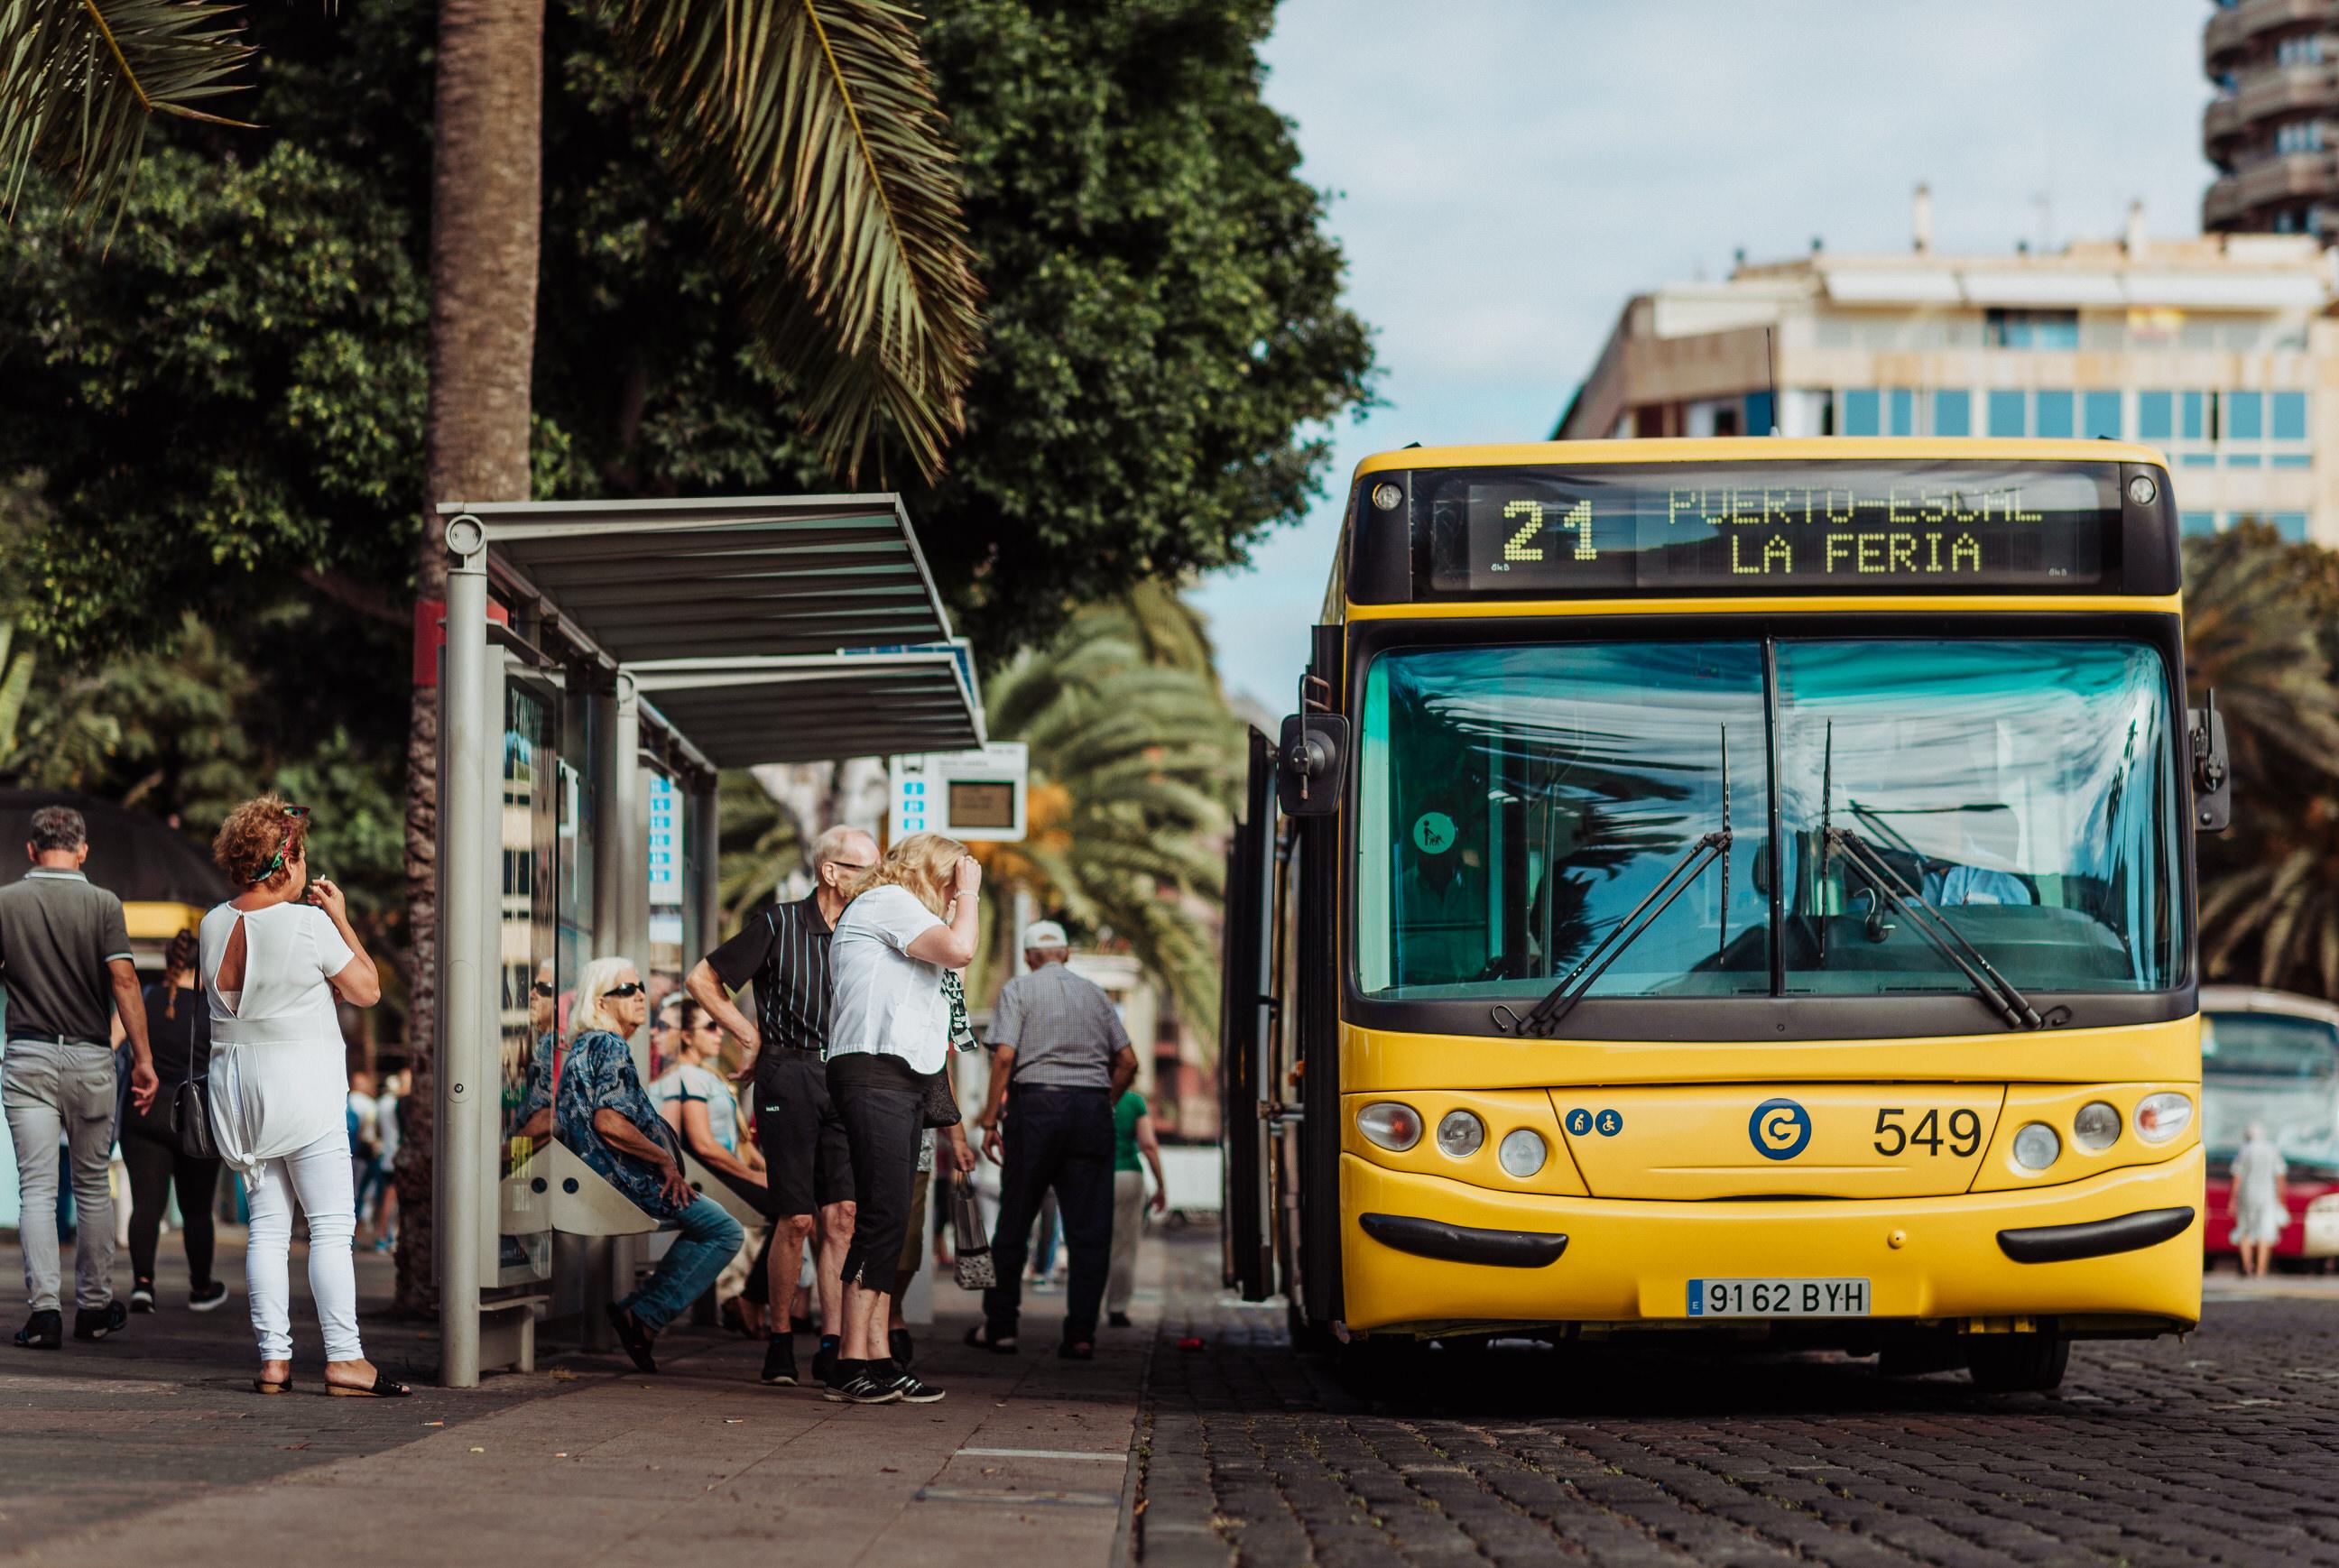 El grado de satisfacción de los clientes de Guaguas Municipales vuelve a aumentar